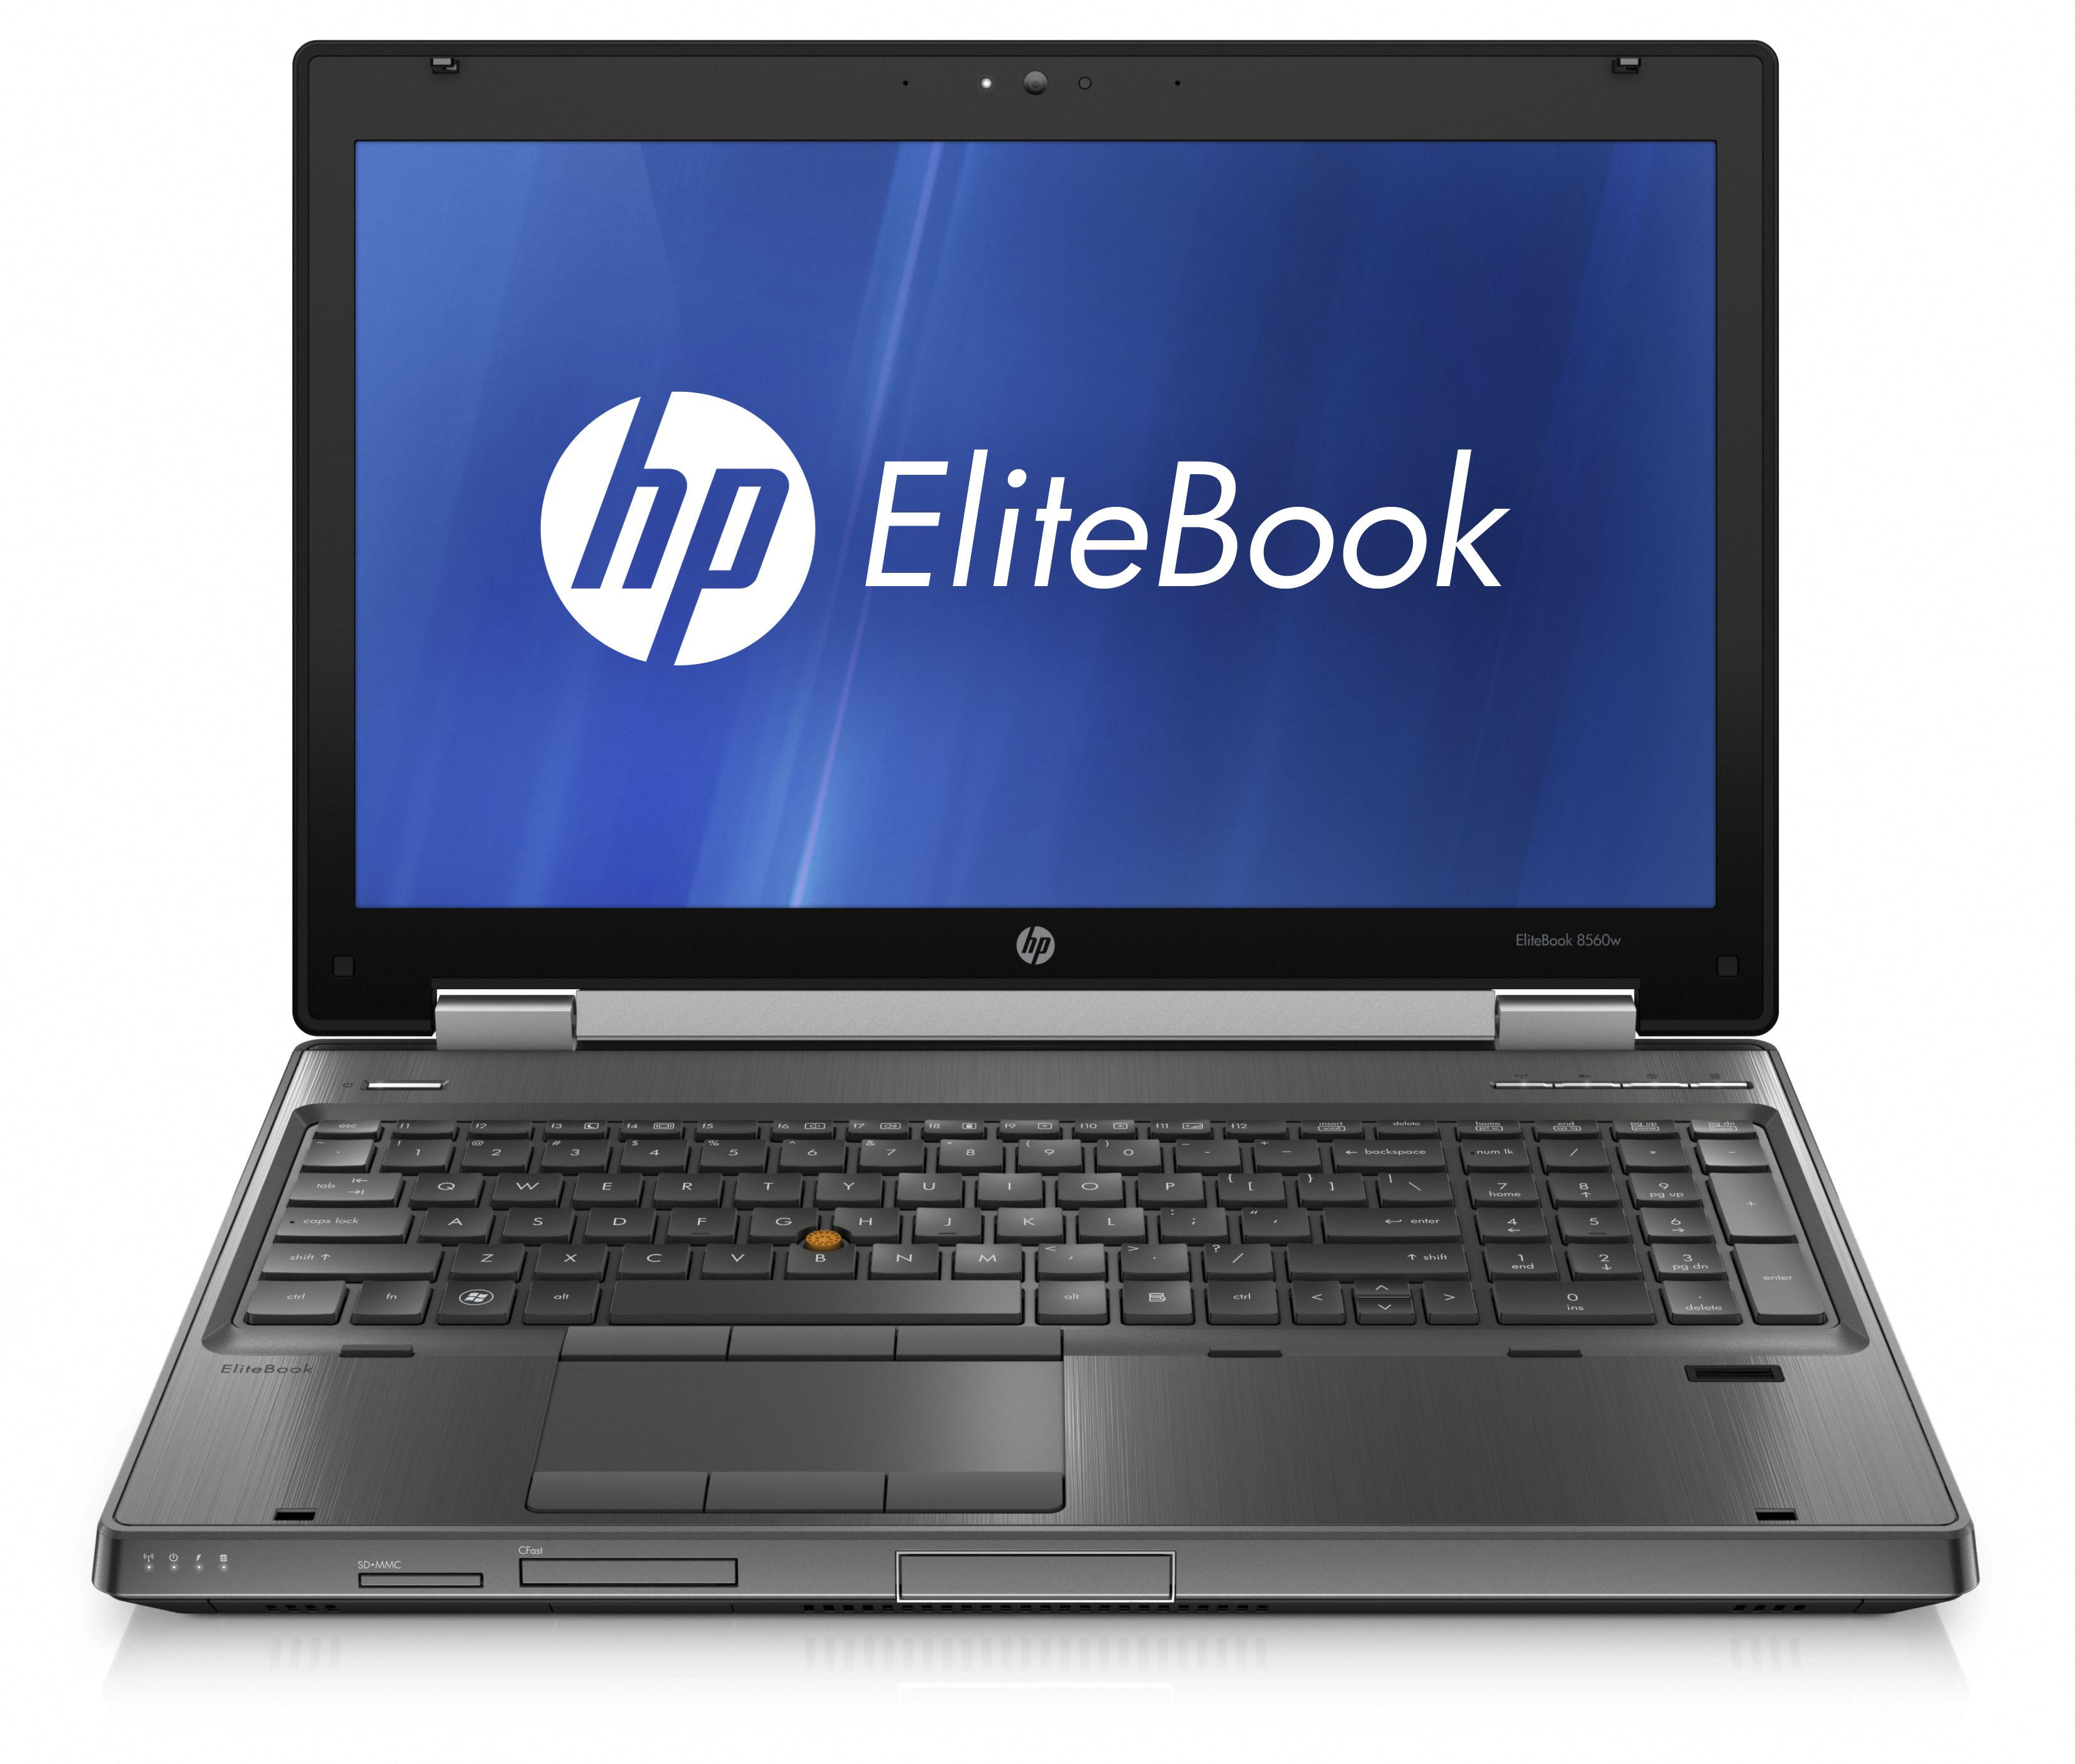 EliteBook 8560w Display